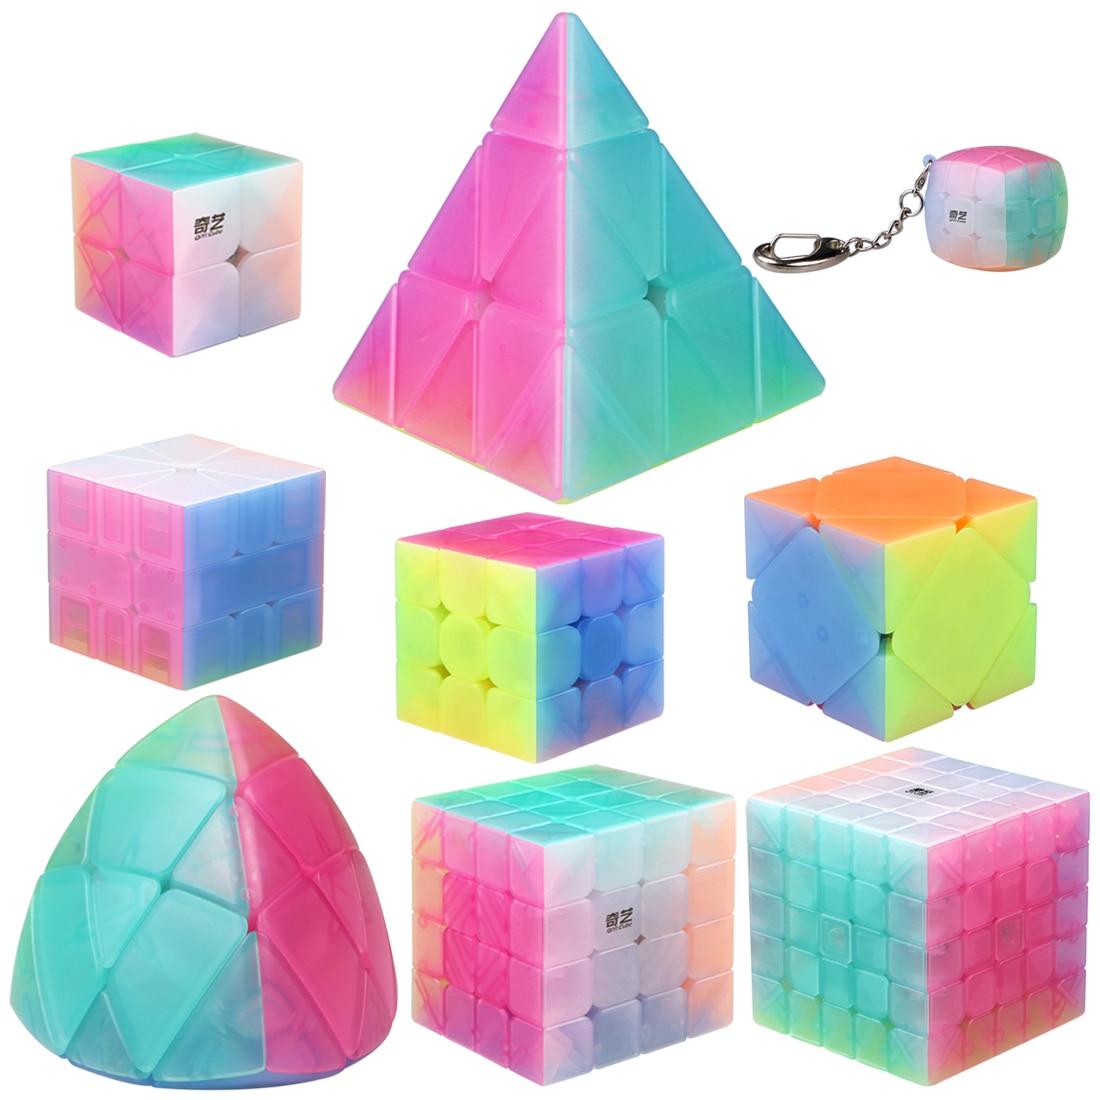 Ensemble de Cube de gelée QiYi comprenant pyramide SQ-1 Mastermorphix Qidi S 2x2 guerrier W 3x3 QiYuan S 4x4 Qizheng S 5x5 Kits de Cube magique